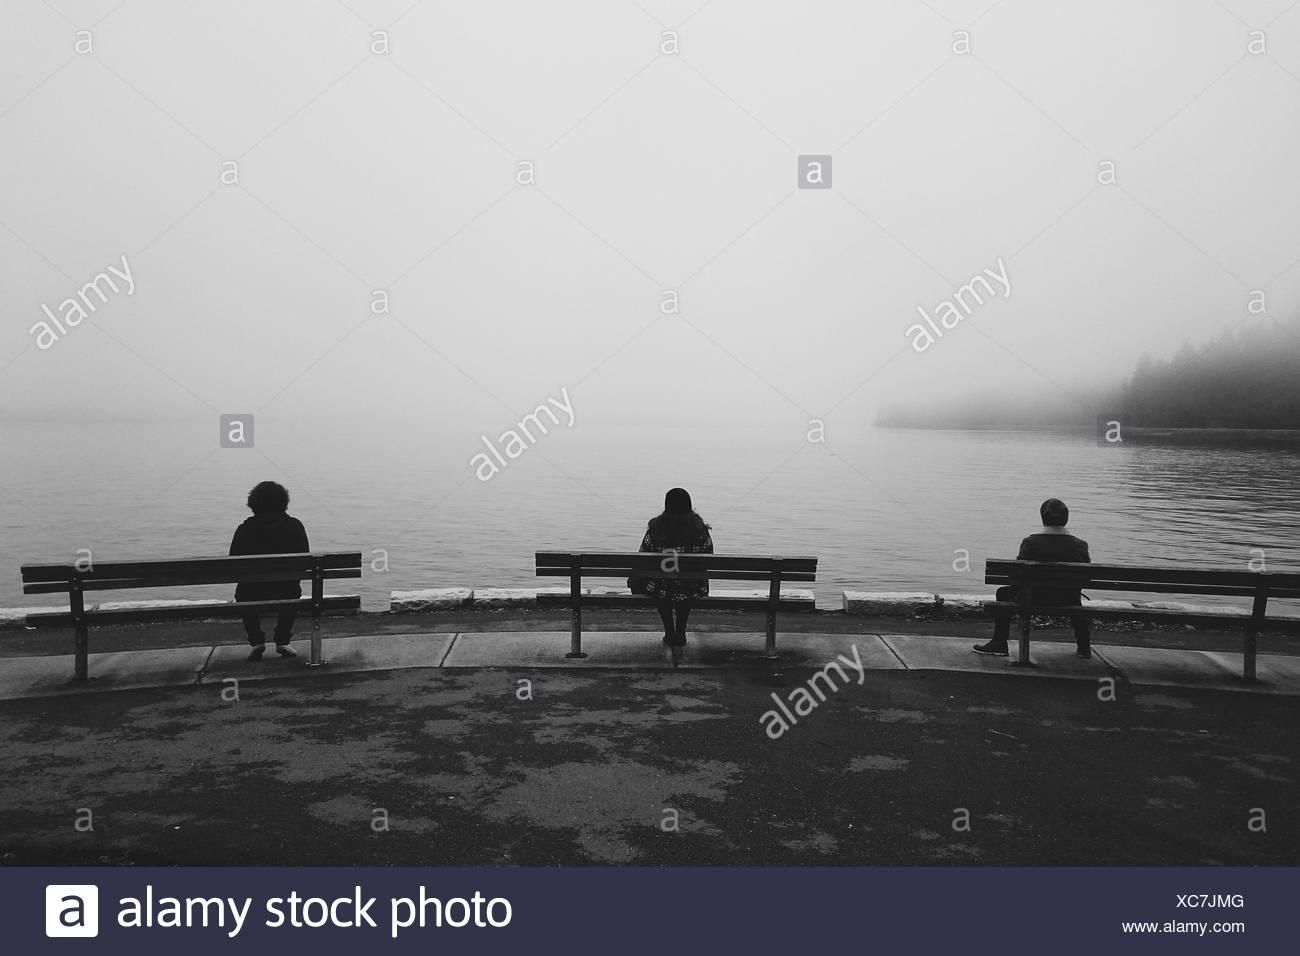 Drei Leute sitzen auf den Bänken am Seeufer Stockbild